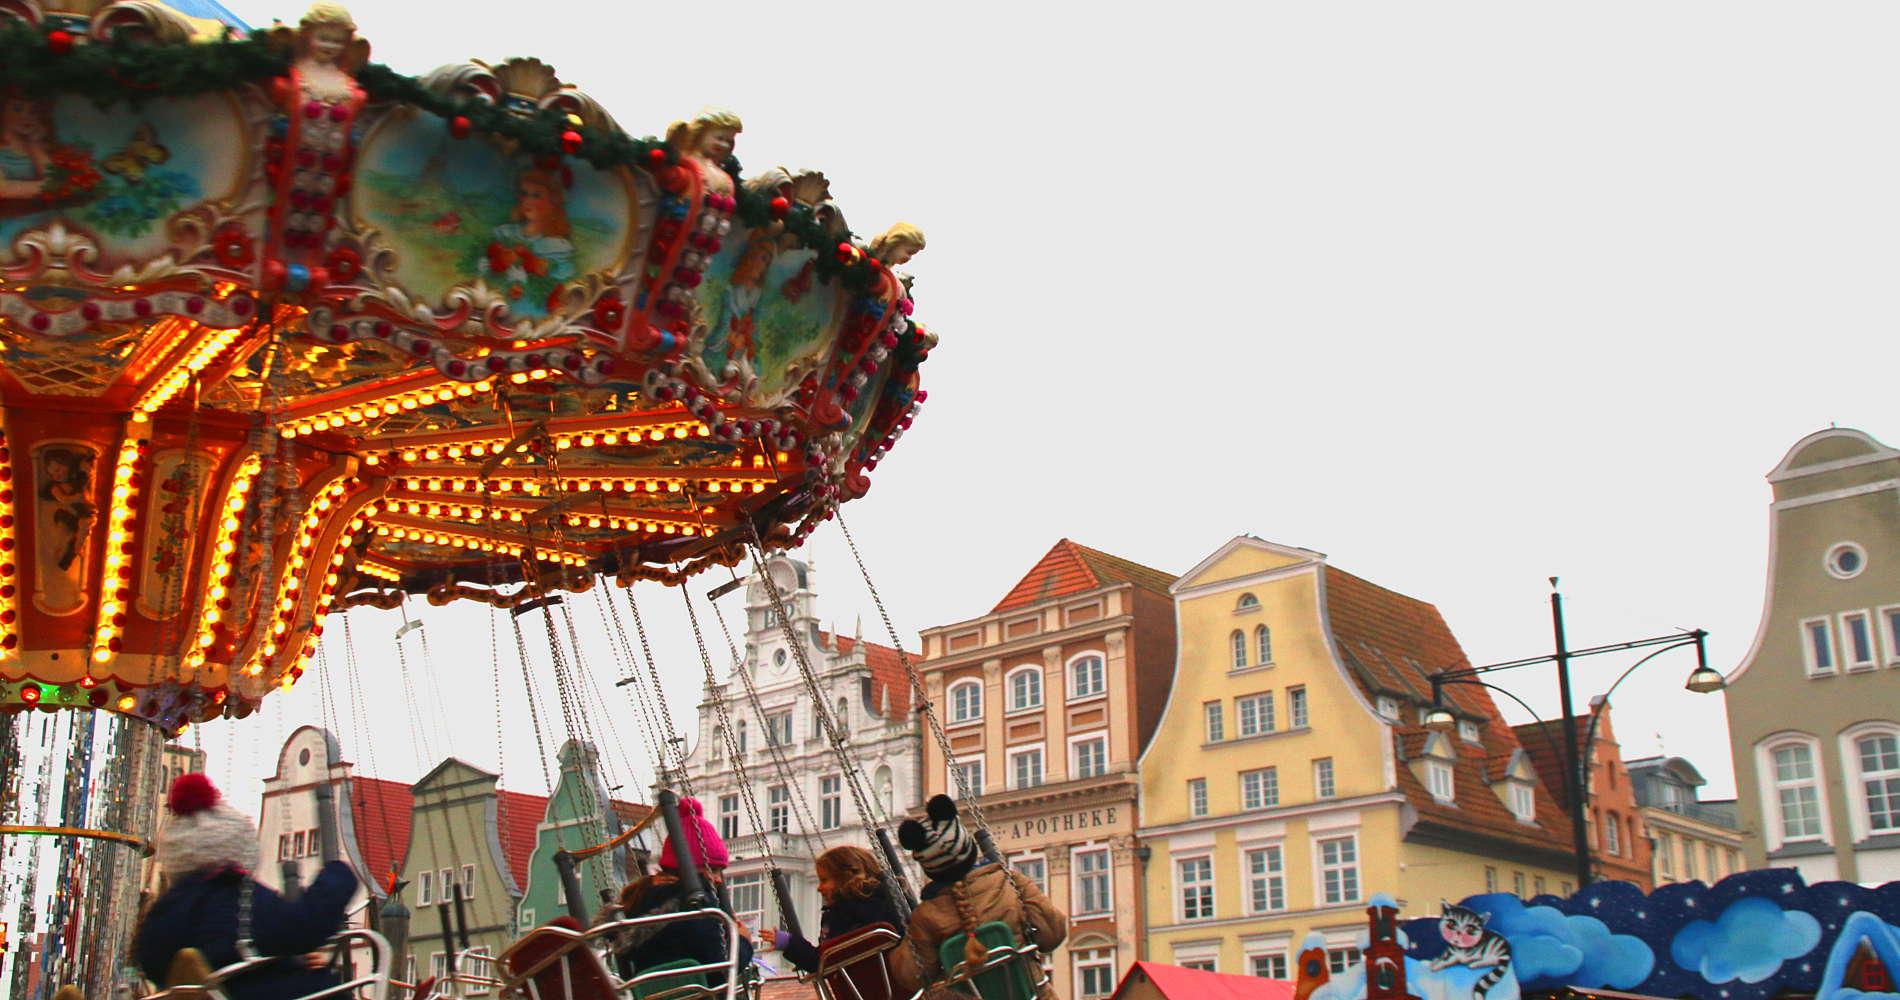 Kettenkarussel am Neuen Markt auf dem Rostocker Weihnachtsmarkt